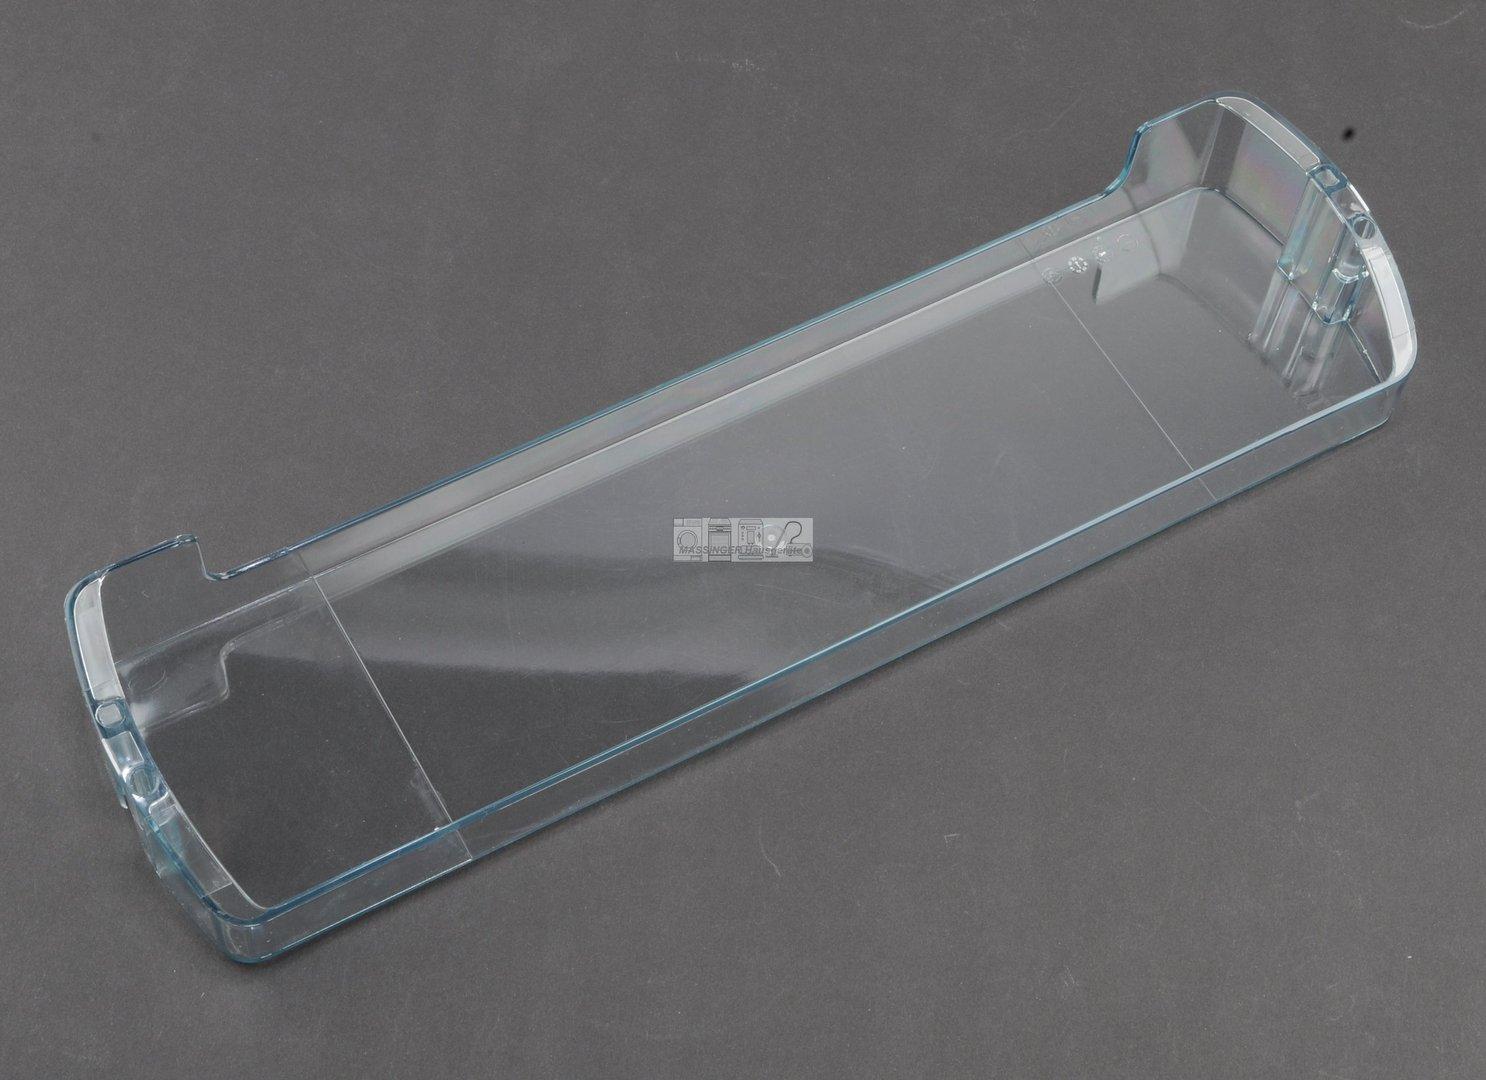 Gorenje Kühlschrank Rückseite : Gorenje kühlschrank flaschenfach einbau getränke mm